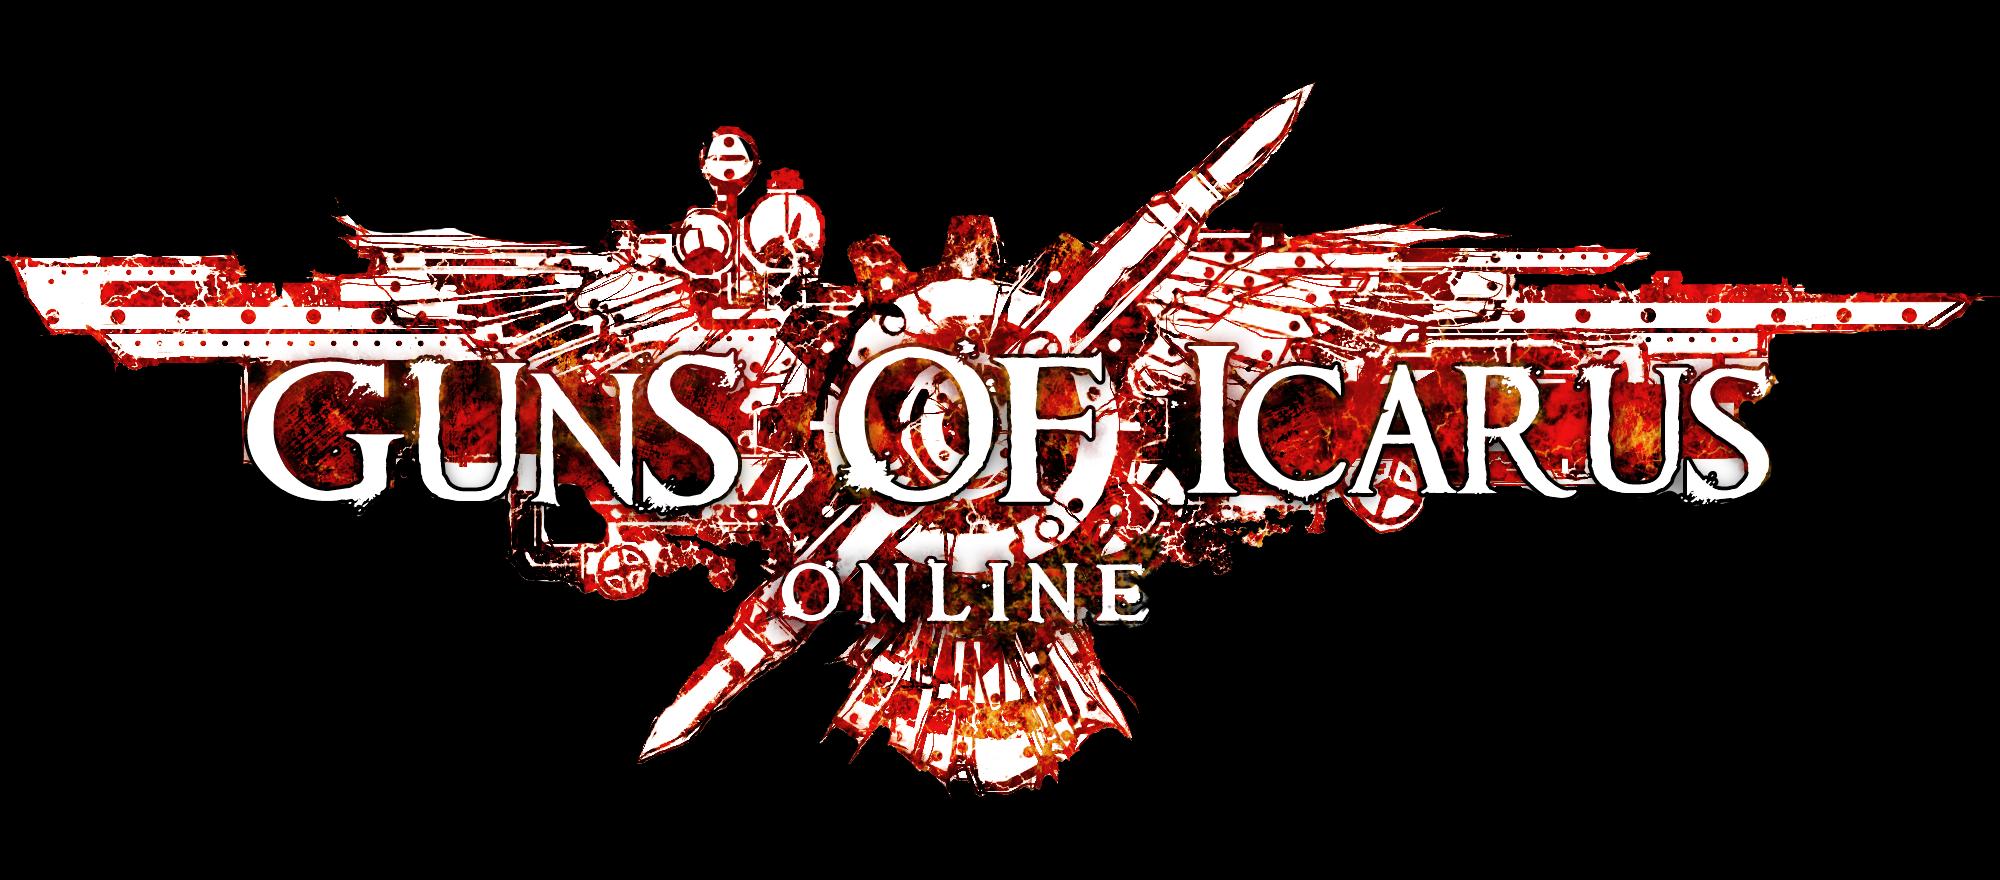 Внезапный Guns of Icarus! Играем всем сайтом в новую халявную игру. Начало 28.10.2017 в 17:30 по московскому времени